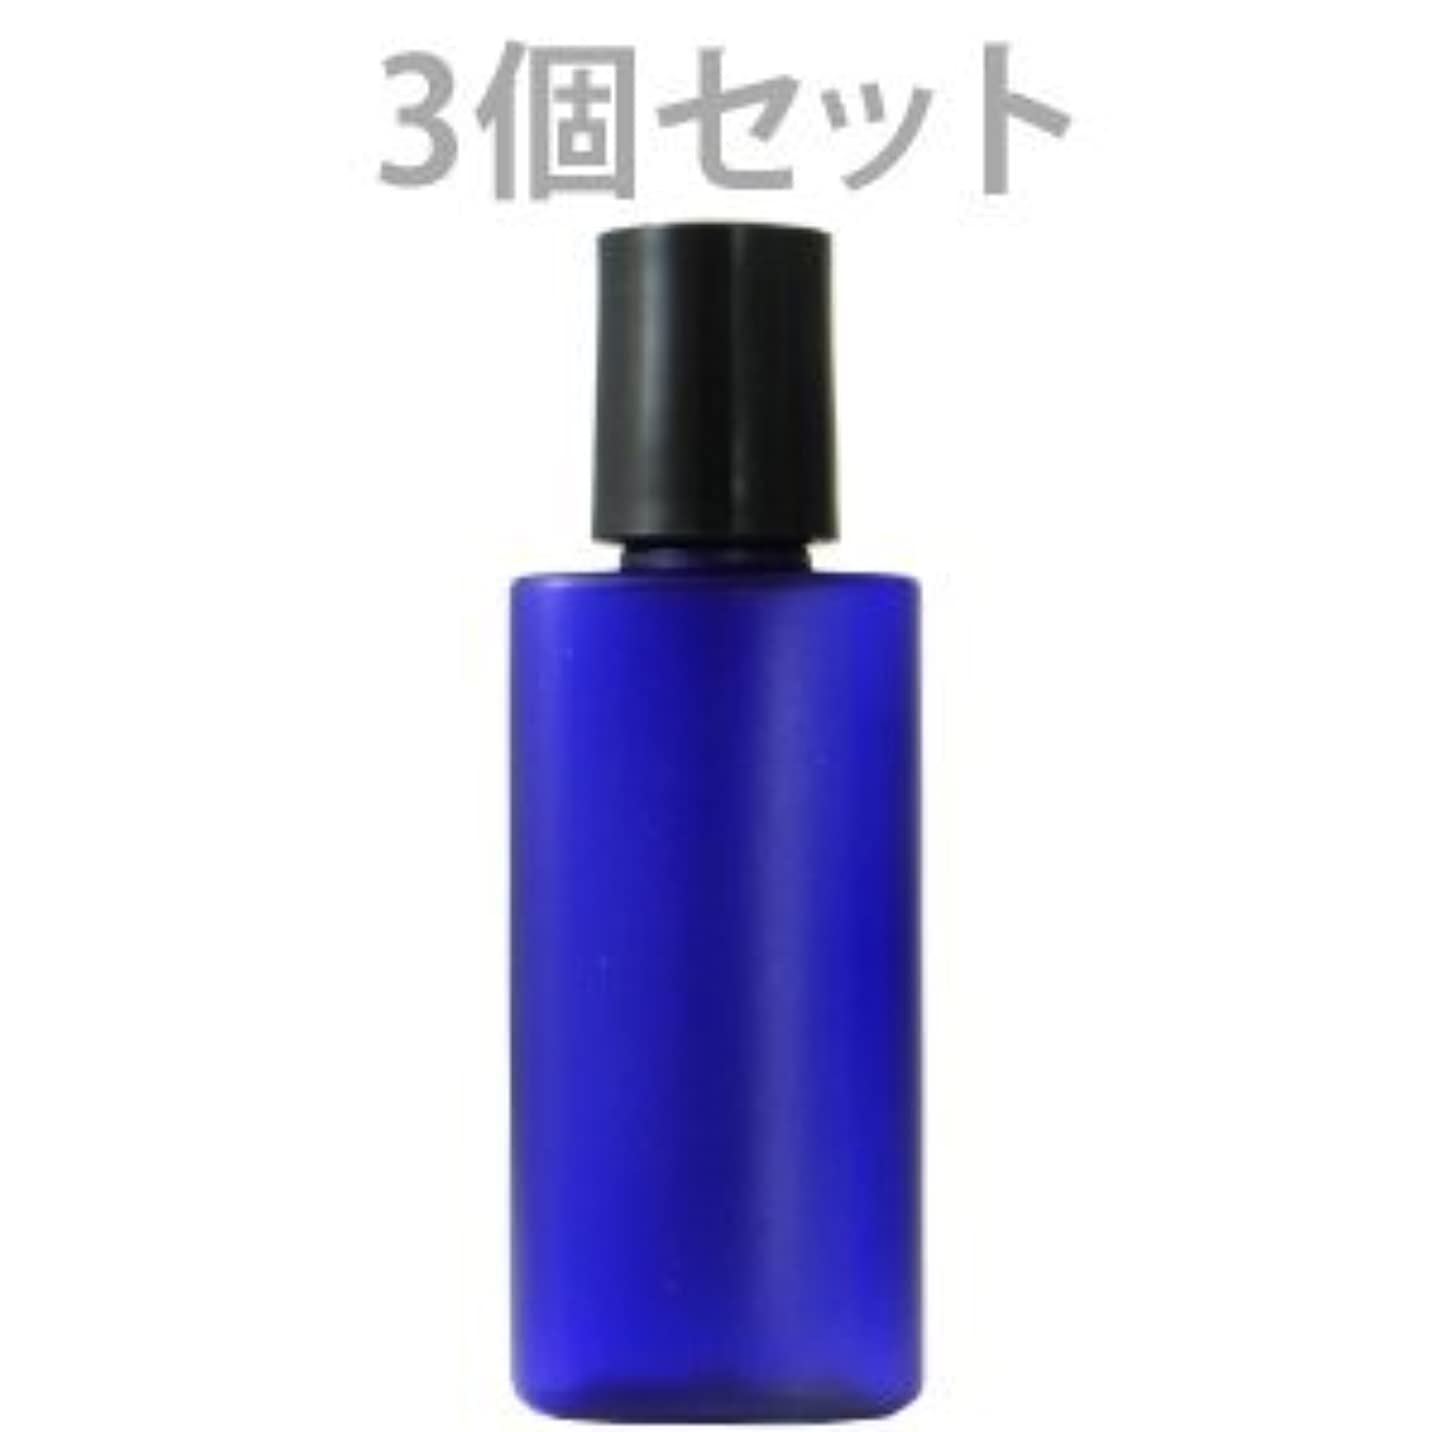 縫い目カプセル備品遮光 ミニプラボトル 容器 青 20ml 3個セット